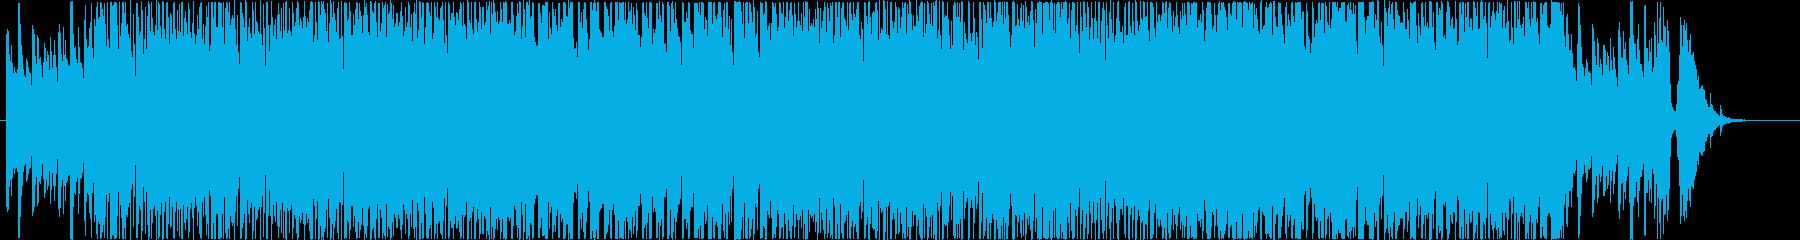 感動系アコースティック楽曲の再生済みの波形